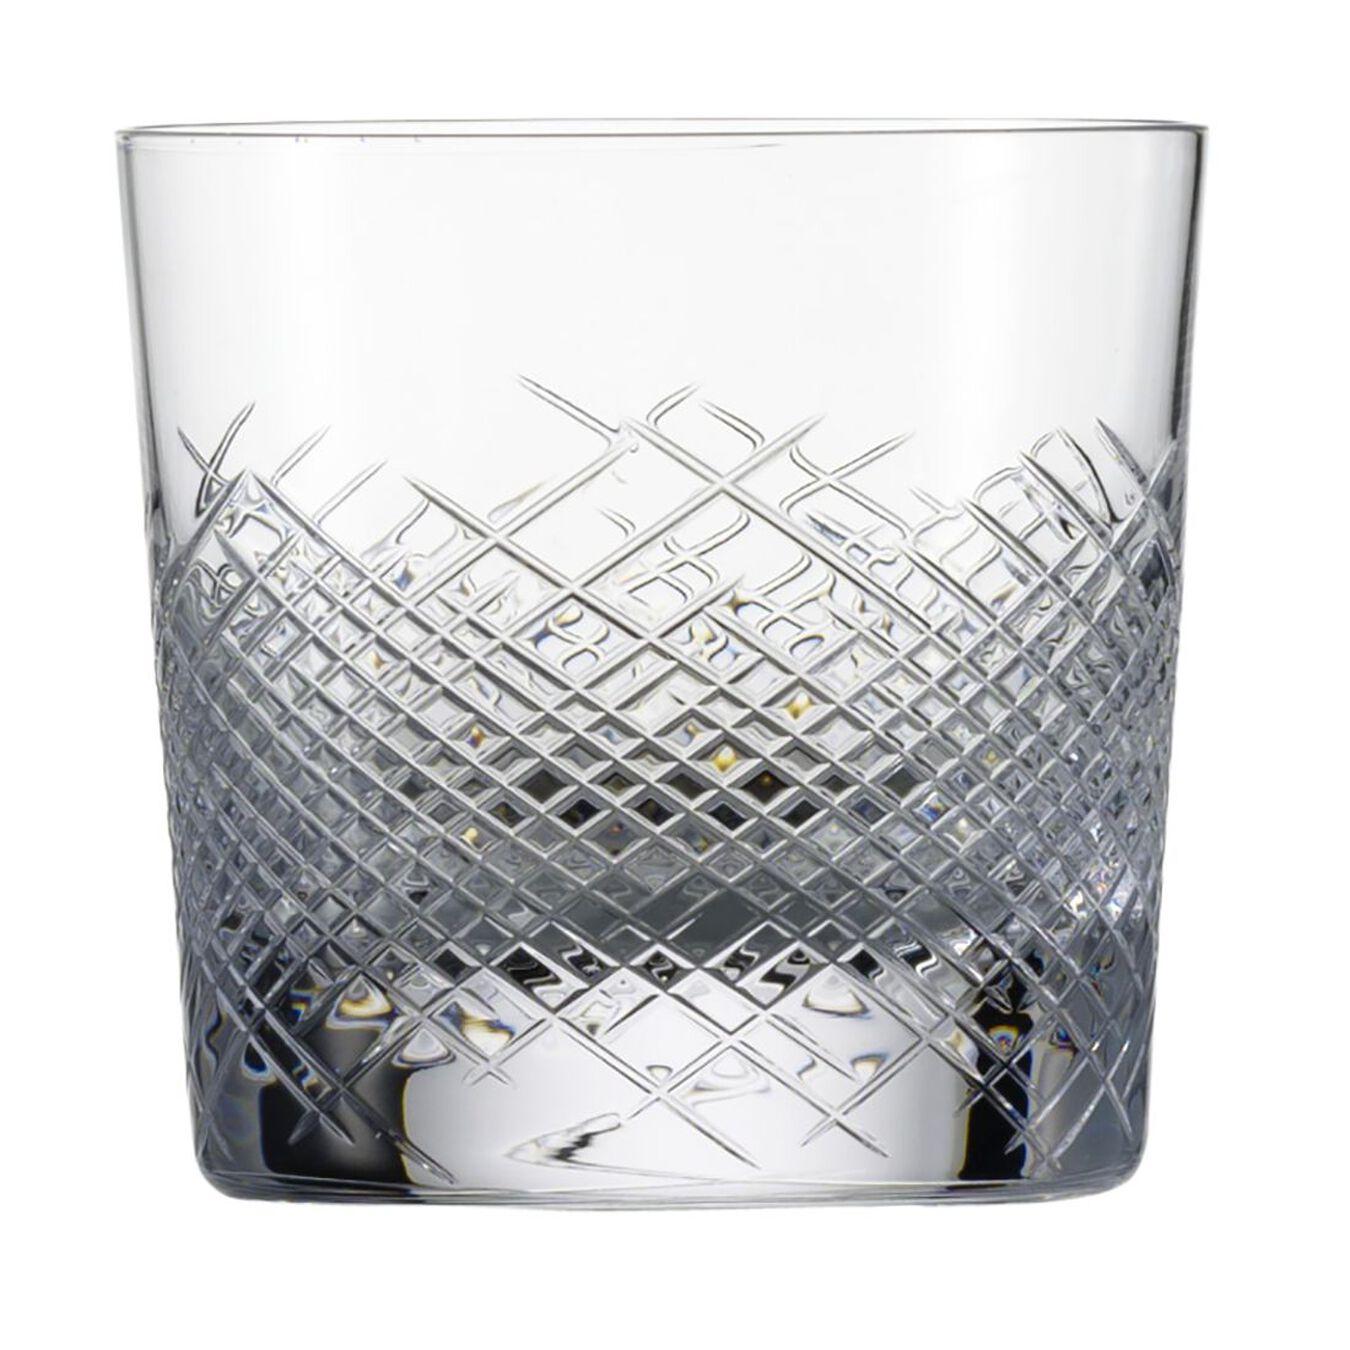 Viski Bardağı   400 ml,,large 1